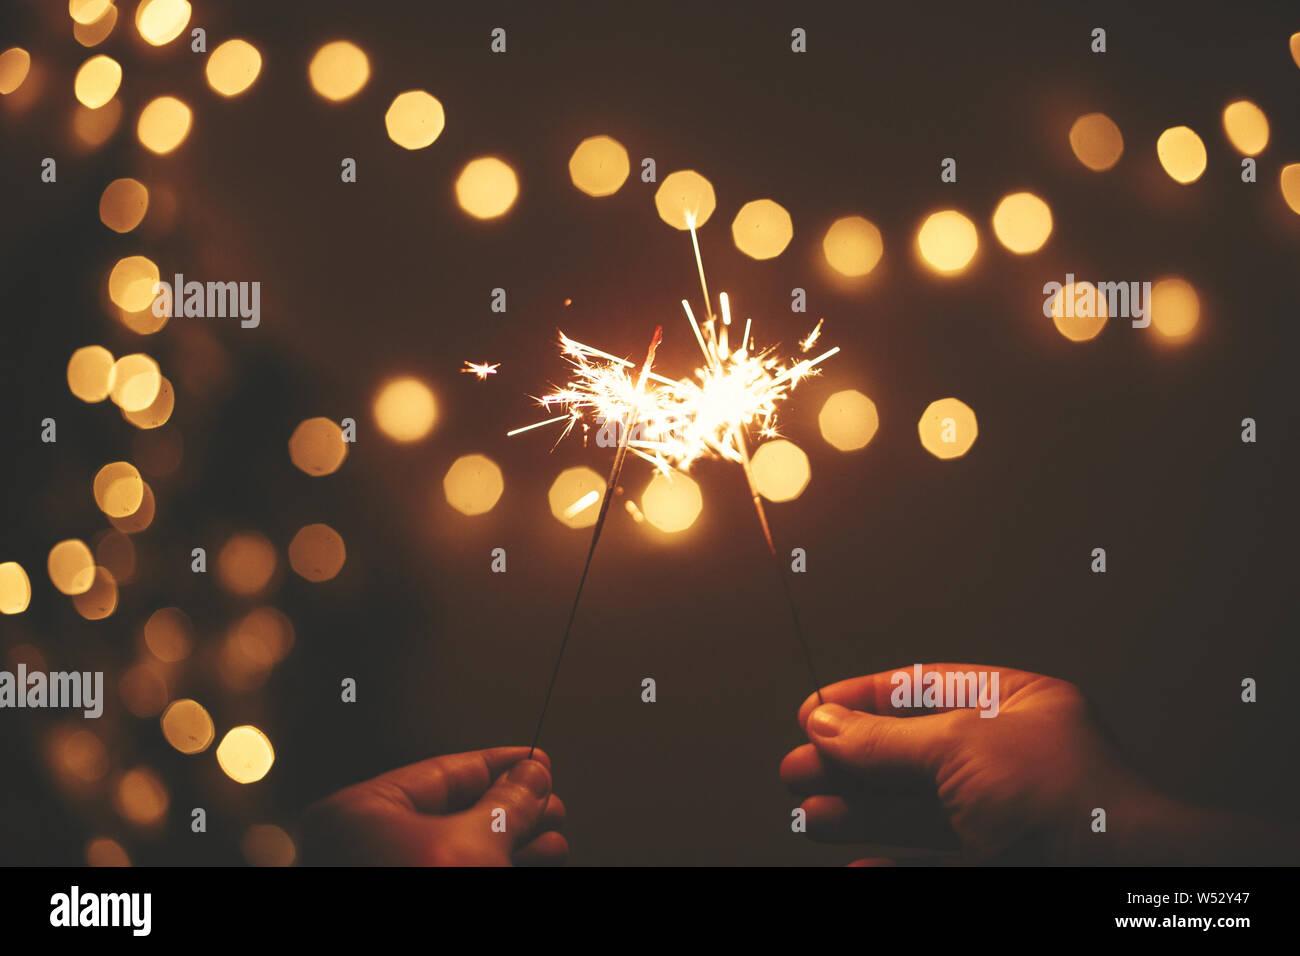 Feliz Año Nuevo. Brillantes estrellitas en manos sobre fondo de oro, un par de luces del árbol de Navidad La celebración festiva en la oscuridad de la habitación. Espacio para el texto. Fir Foto de stock